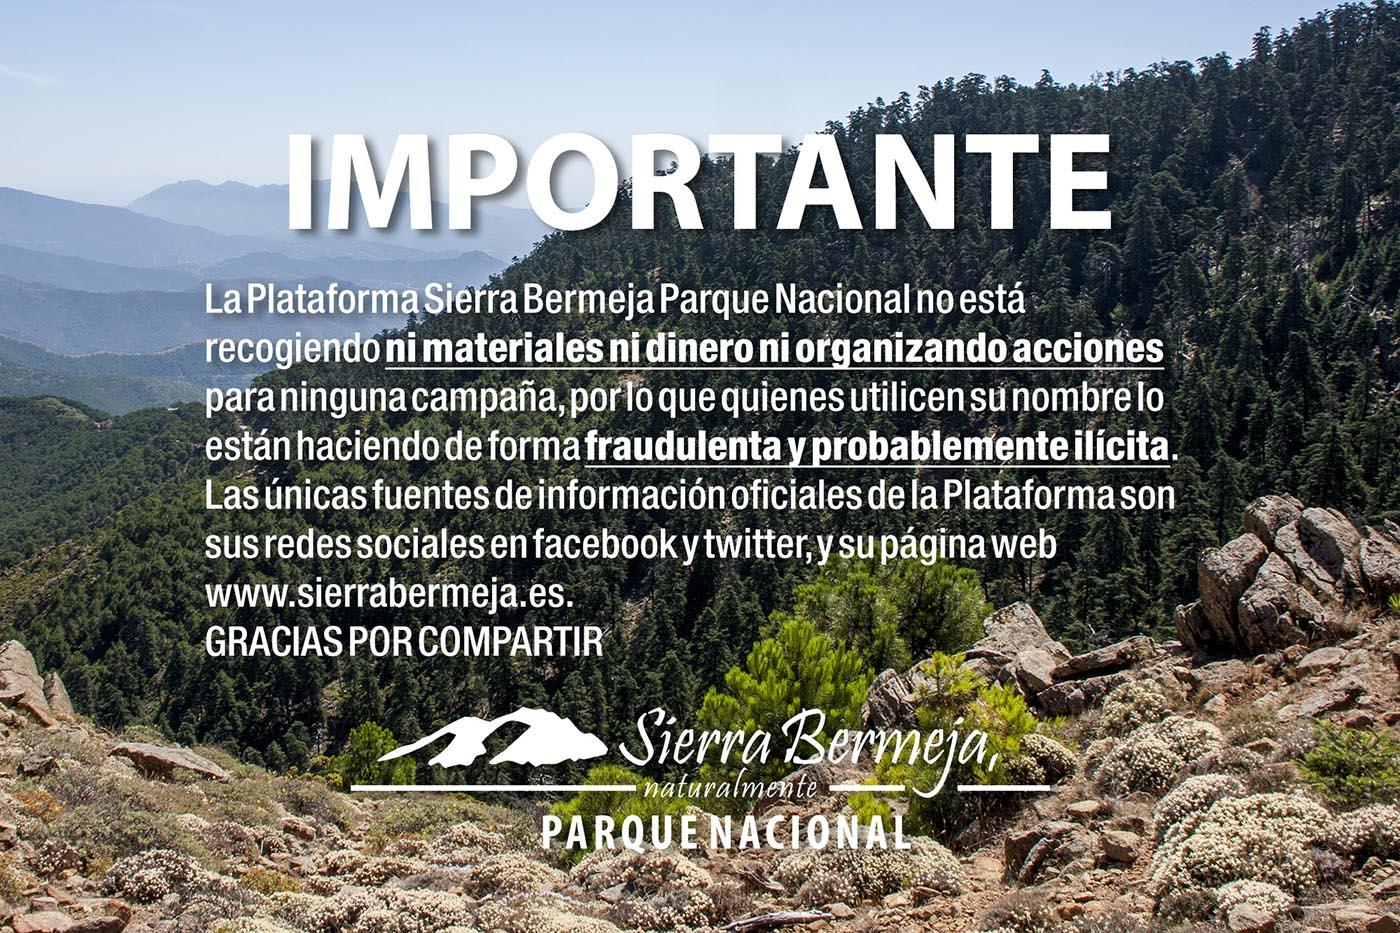 Campañas de la Plataforma Sierra Bermeja